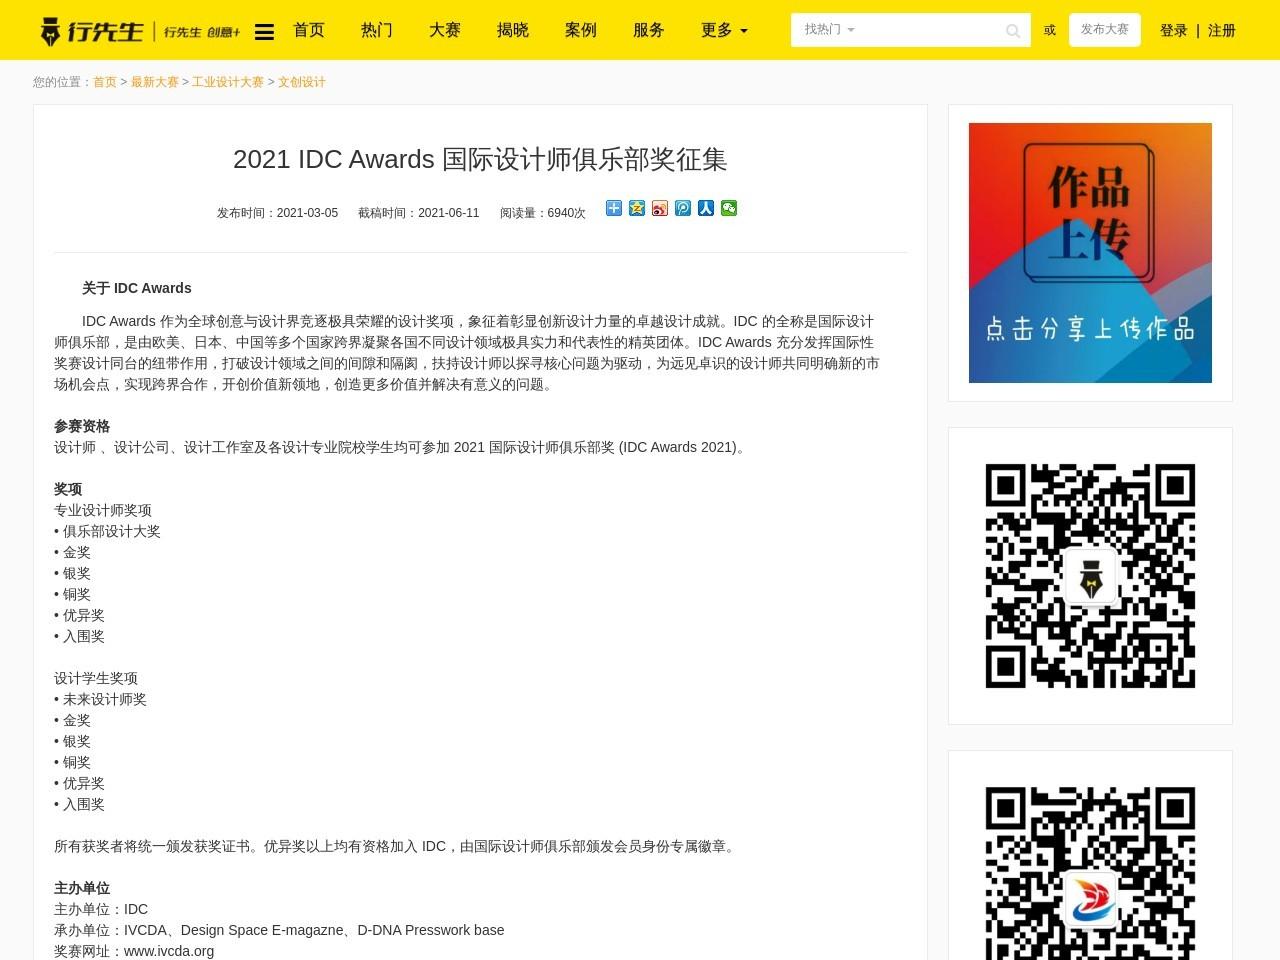 2021 IDC Awards 国际设计师俱乐部奖征集